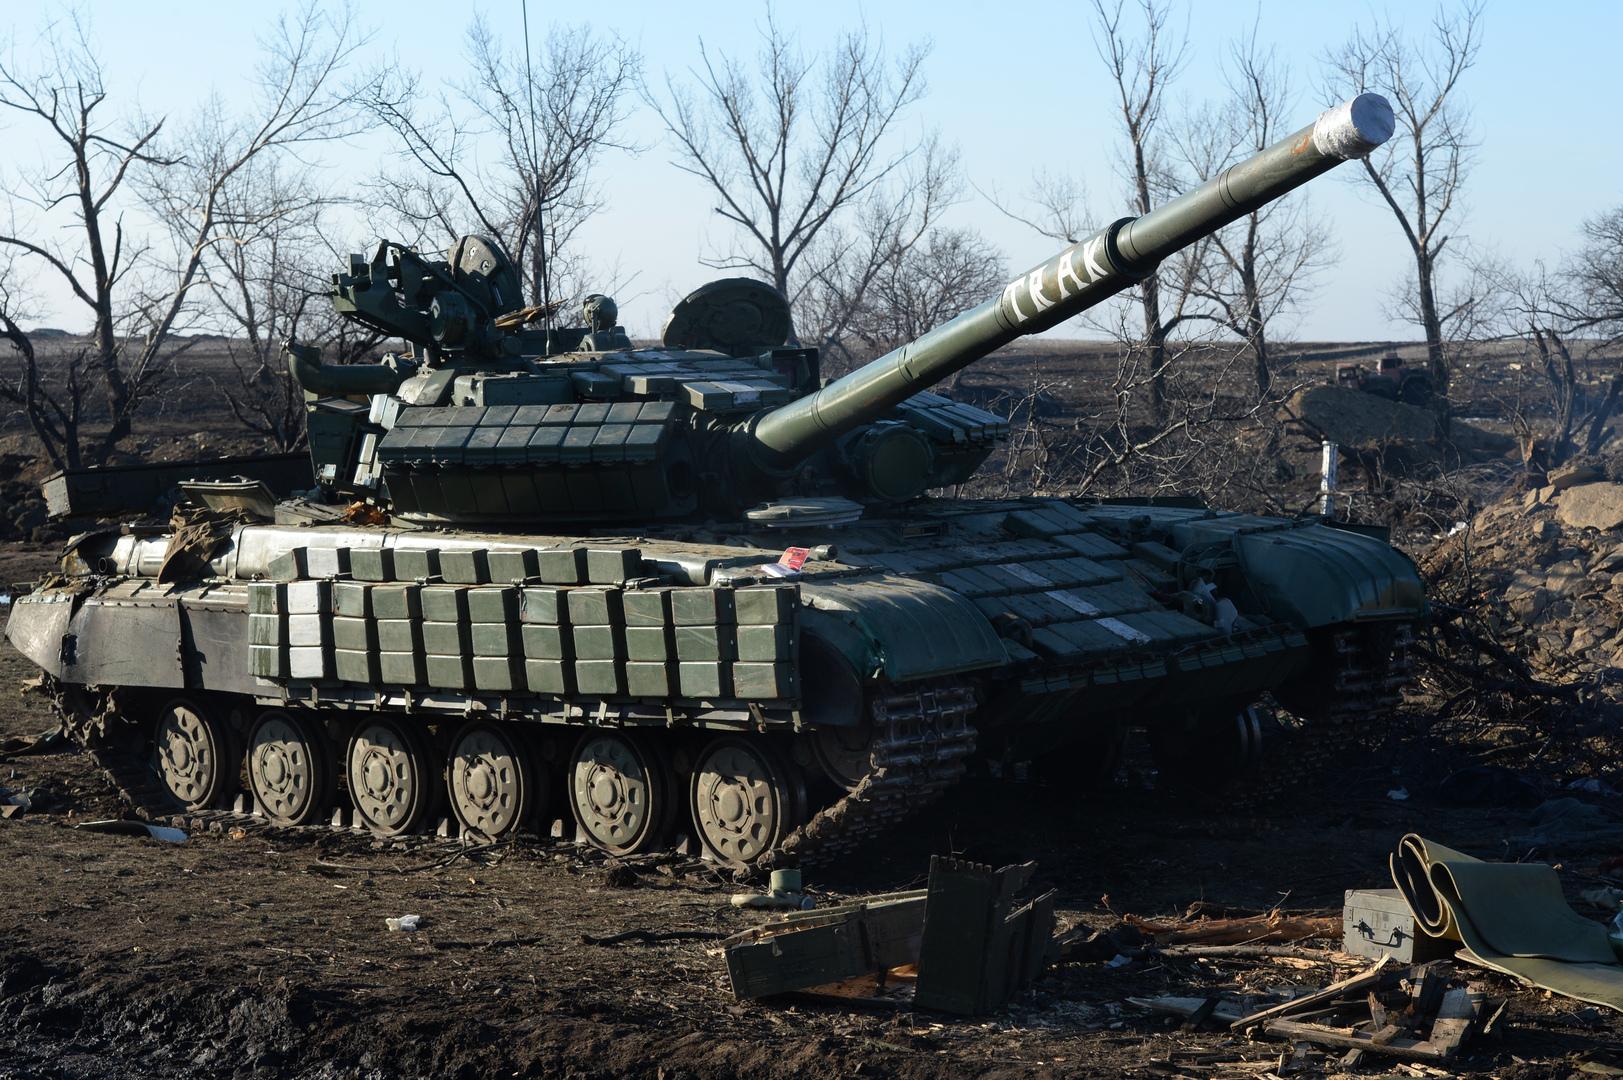 دبابة أوكرانية مدمرة في منطقة دونيتسك.